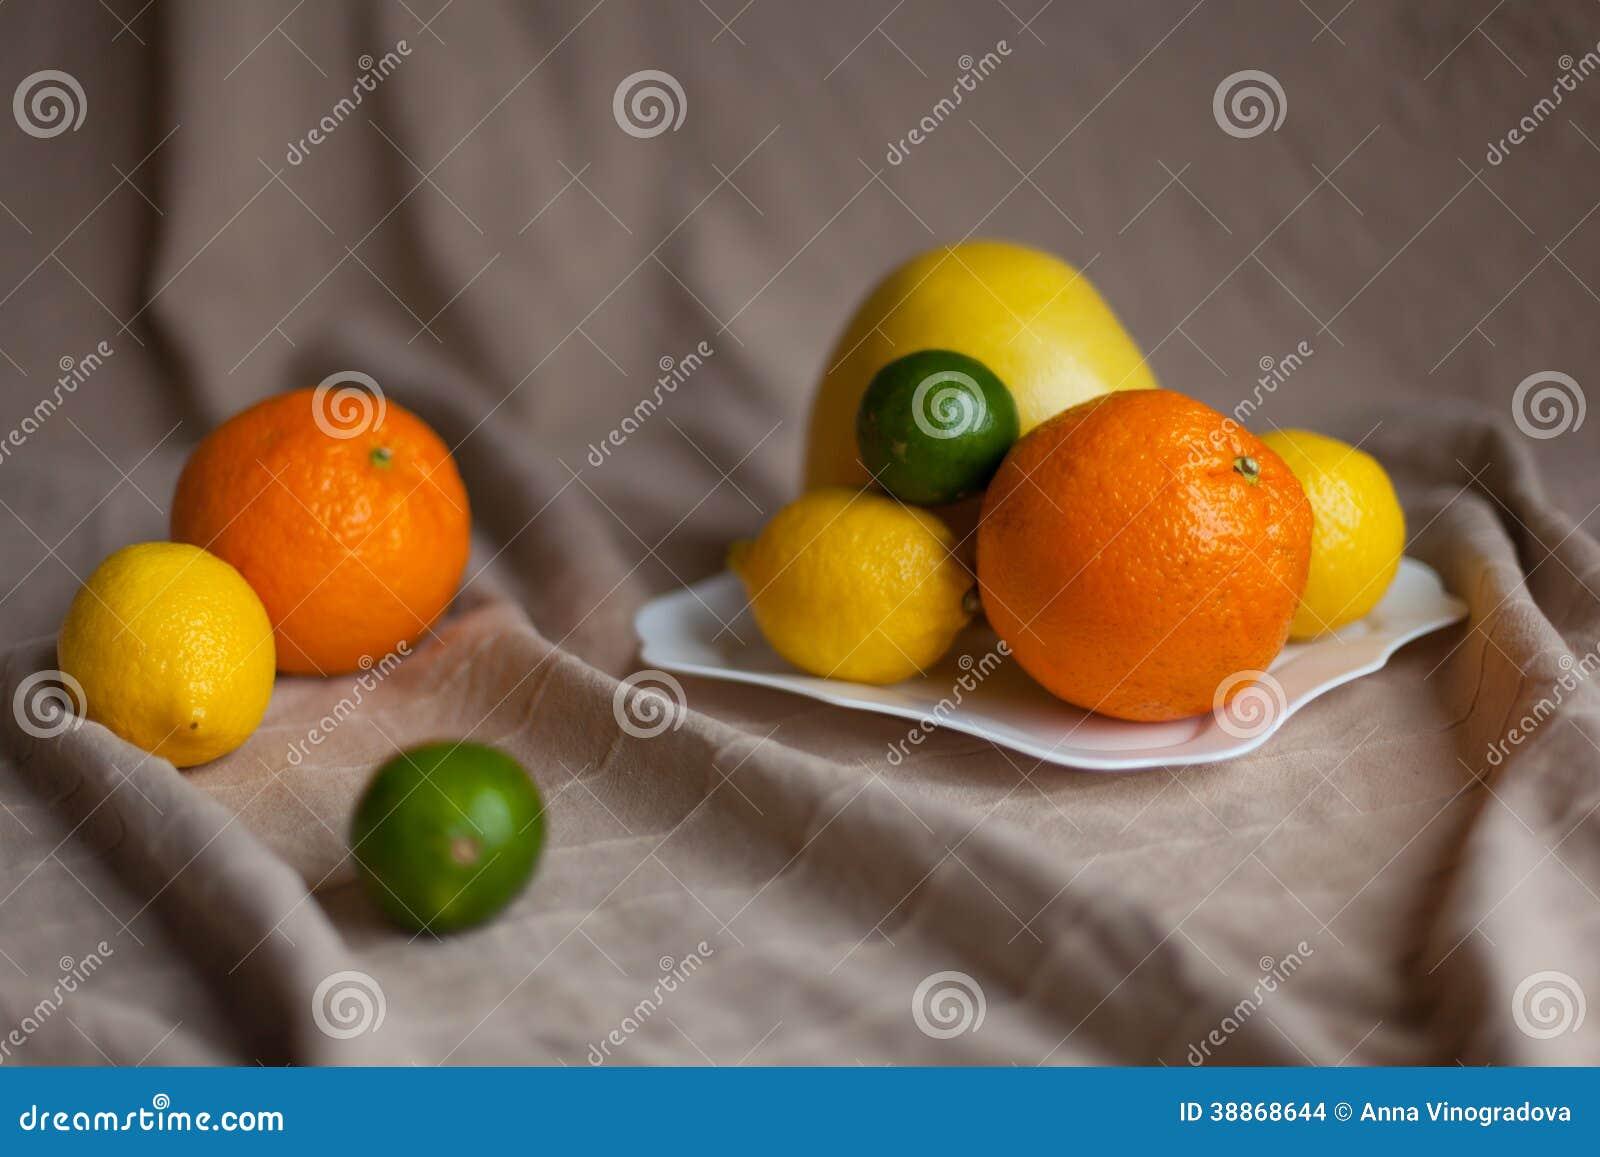 Sinaasappel een citroen een kalk op een lijst